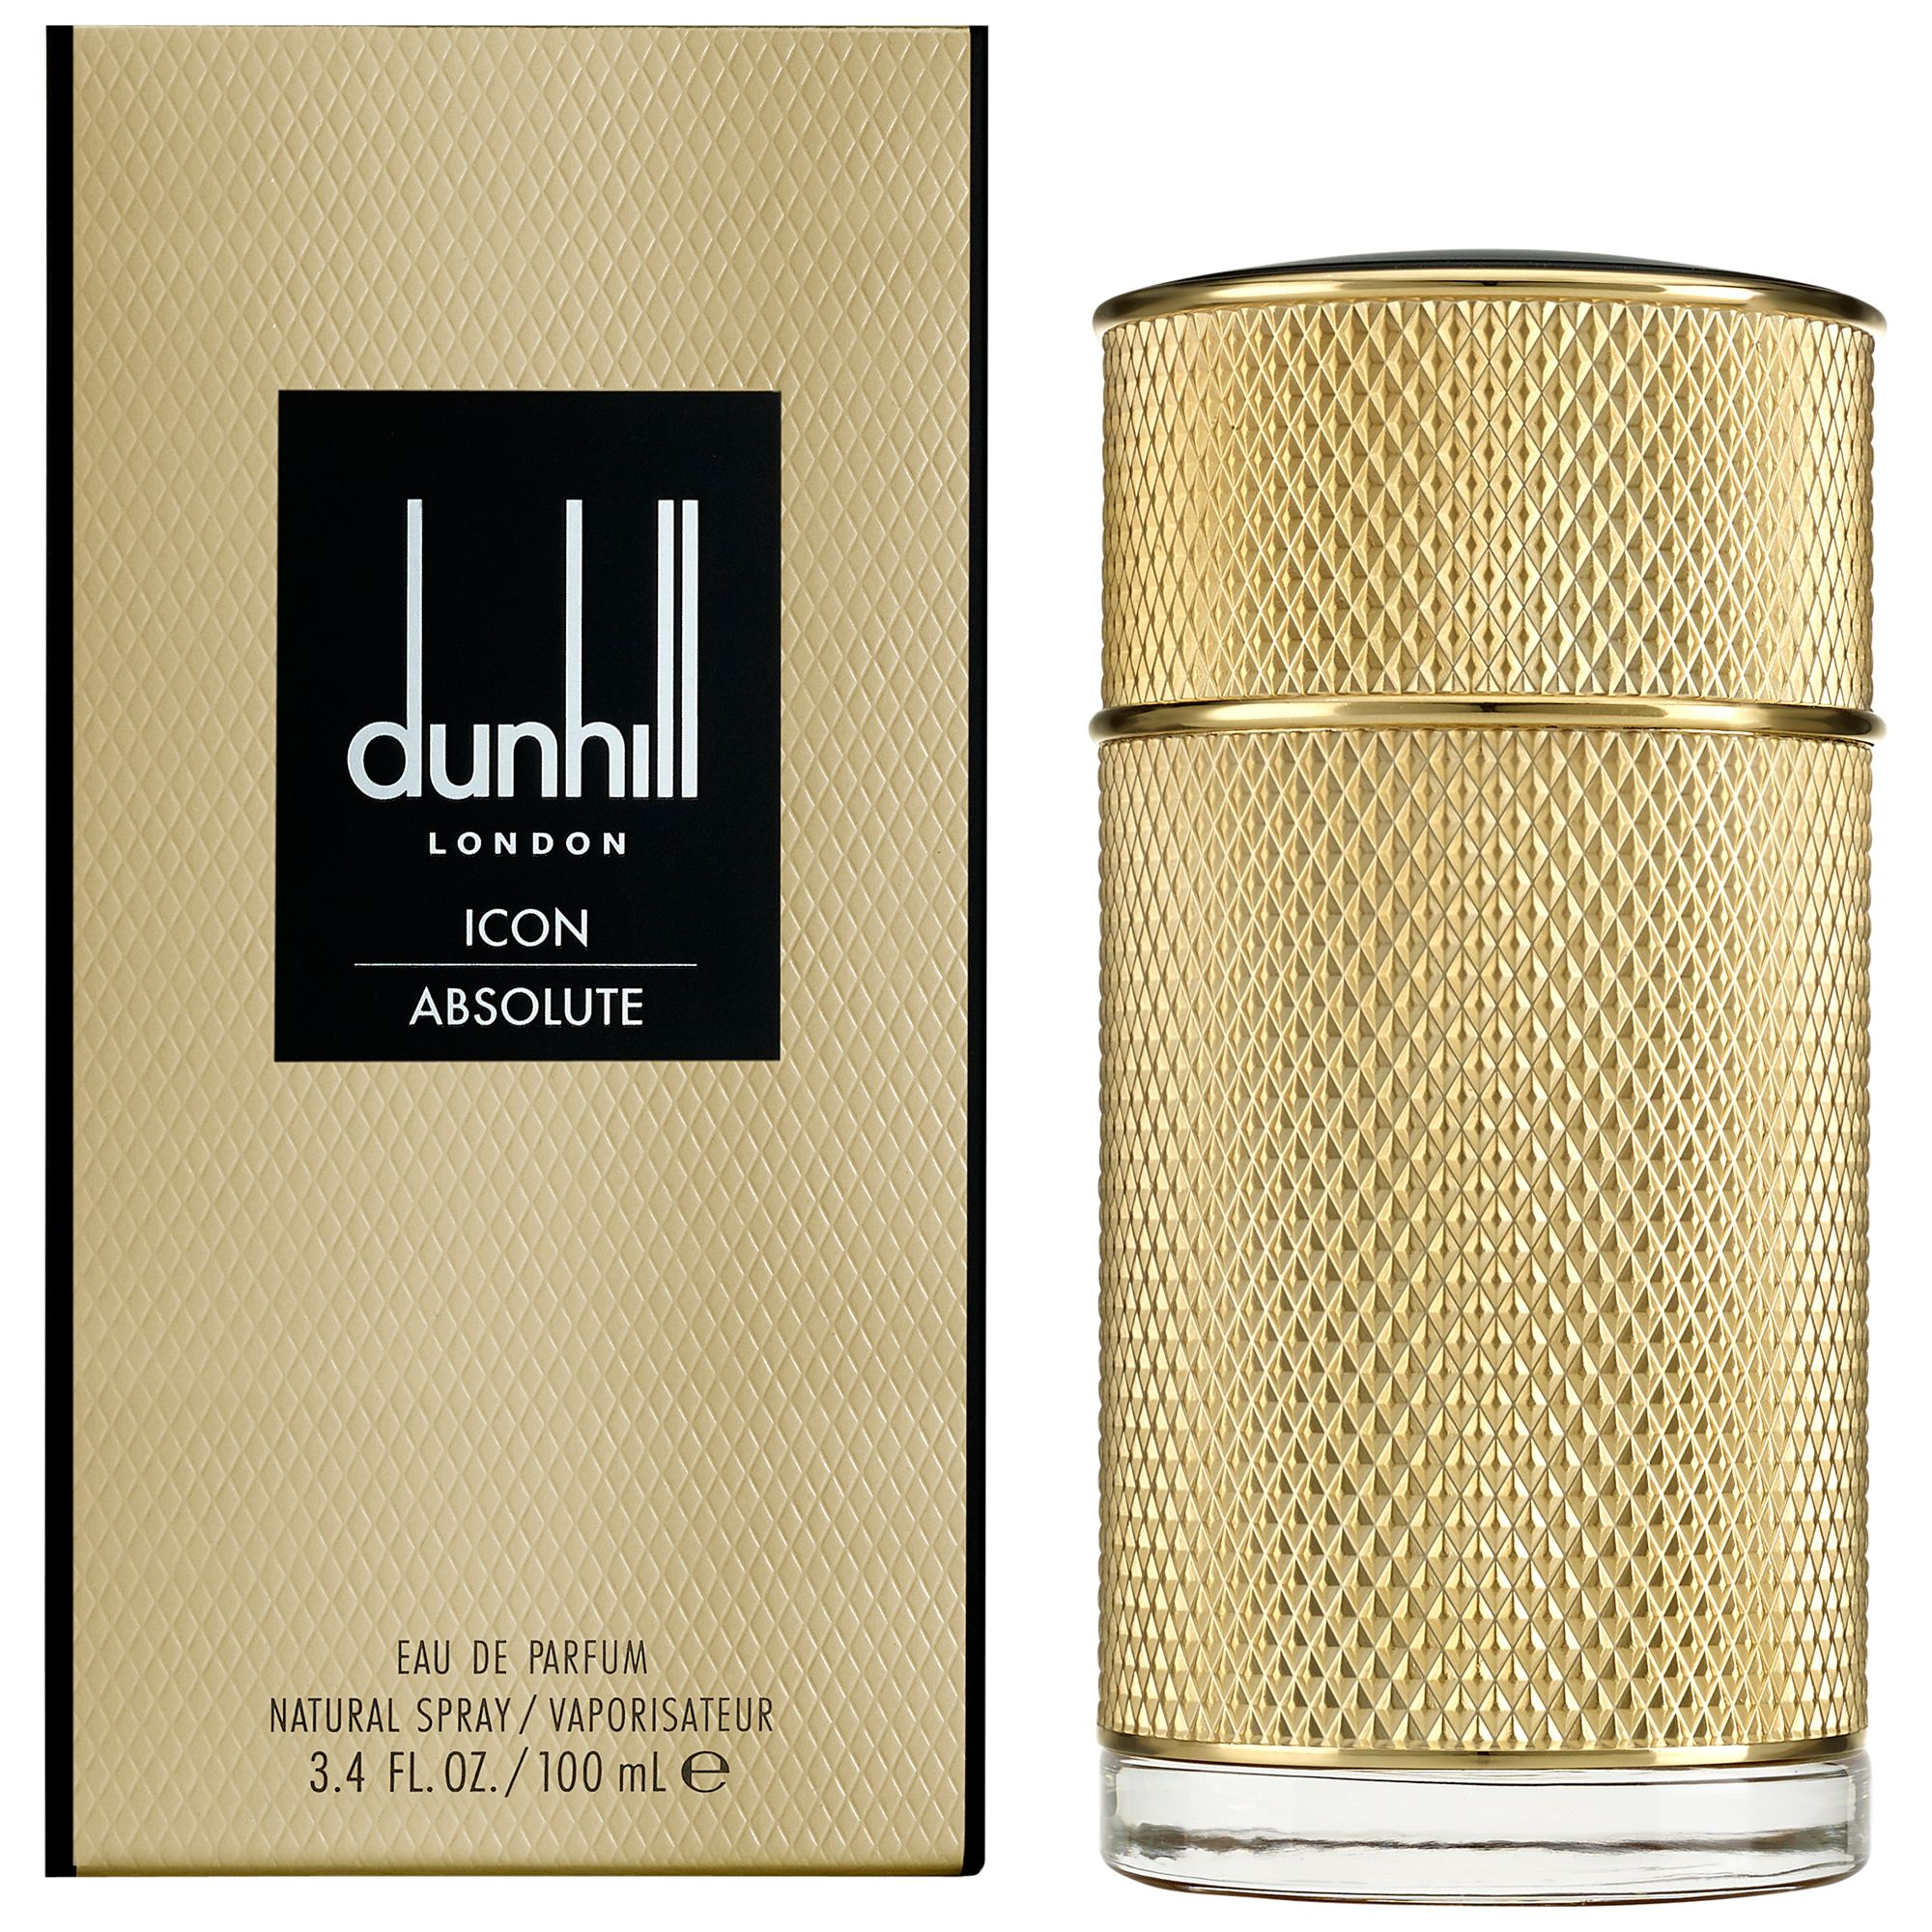 Dunhill Dunhill London ICON Absolute Eau de Parfum, 100ml